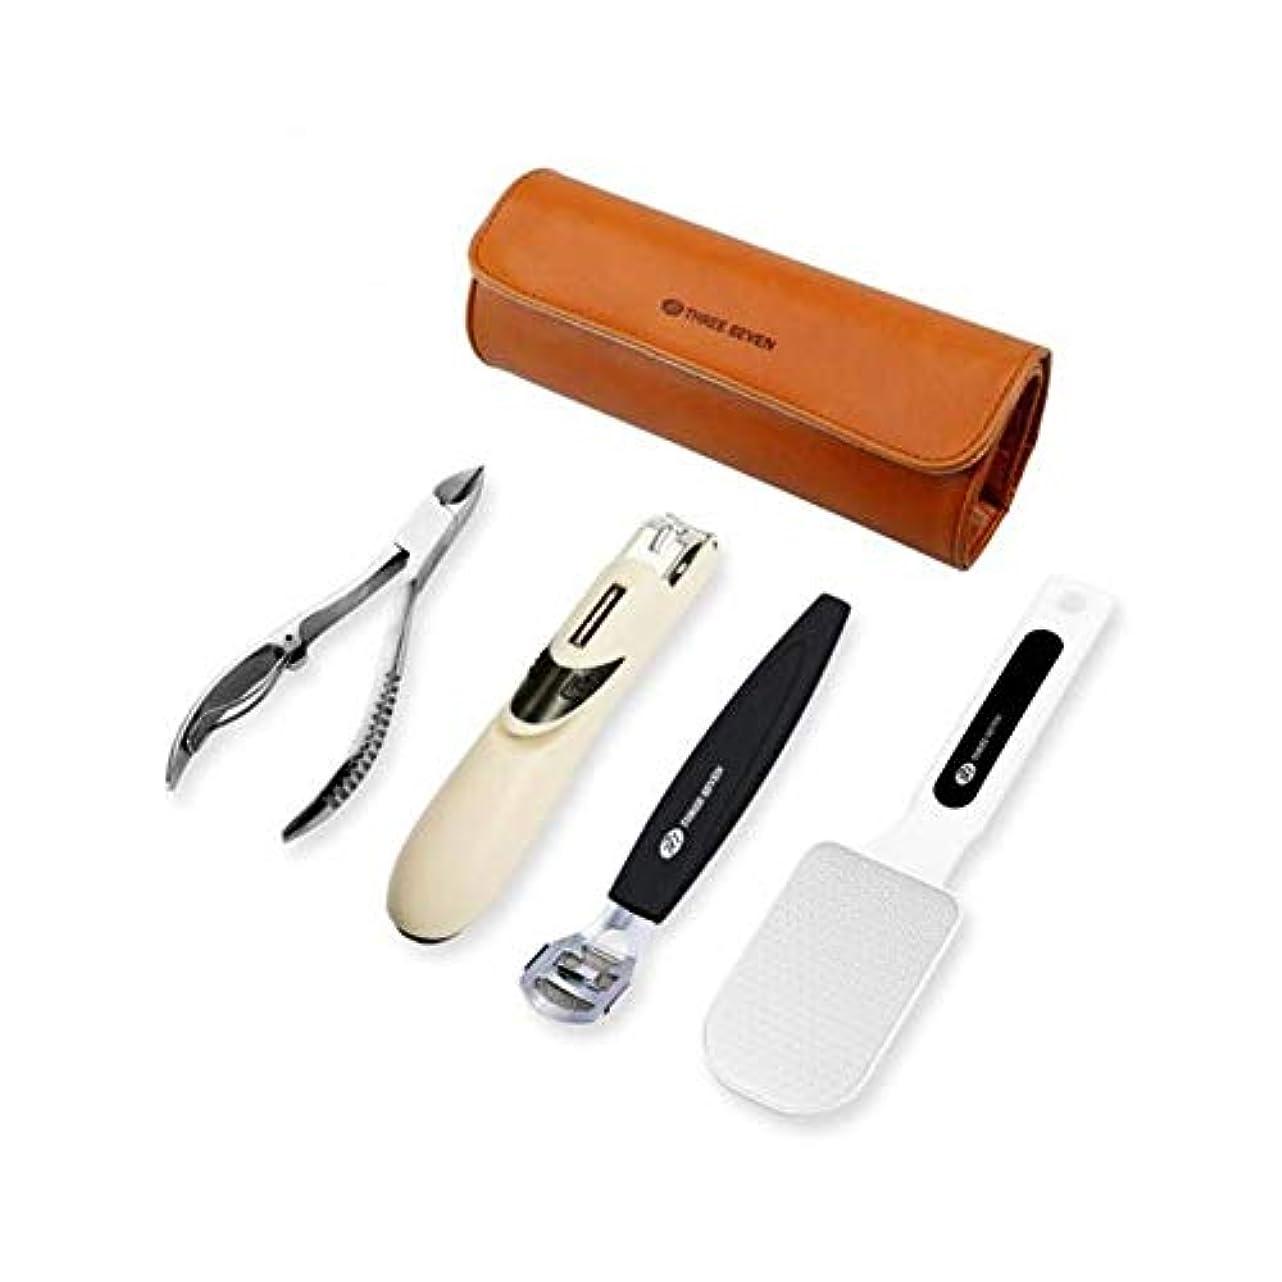 乳剤土器ビザ足研削盤、足のツールを保護、足の裏を修復、古いデッドスキンを外し、フットストーン、ネイルクリッパー+フットボード+ペディキュアナイフ+ Paronyitisネイルクリッパーセット (Color : Silver, Size : 16.6*3.7*1.1cm)